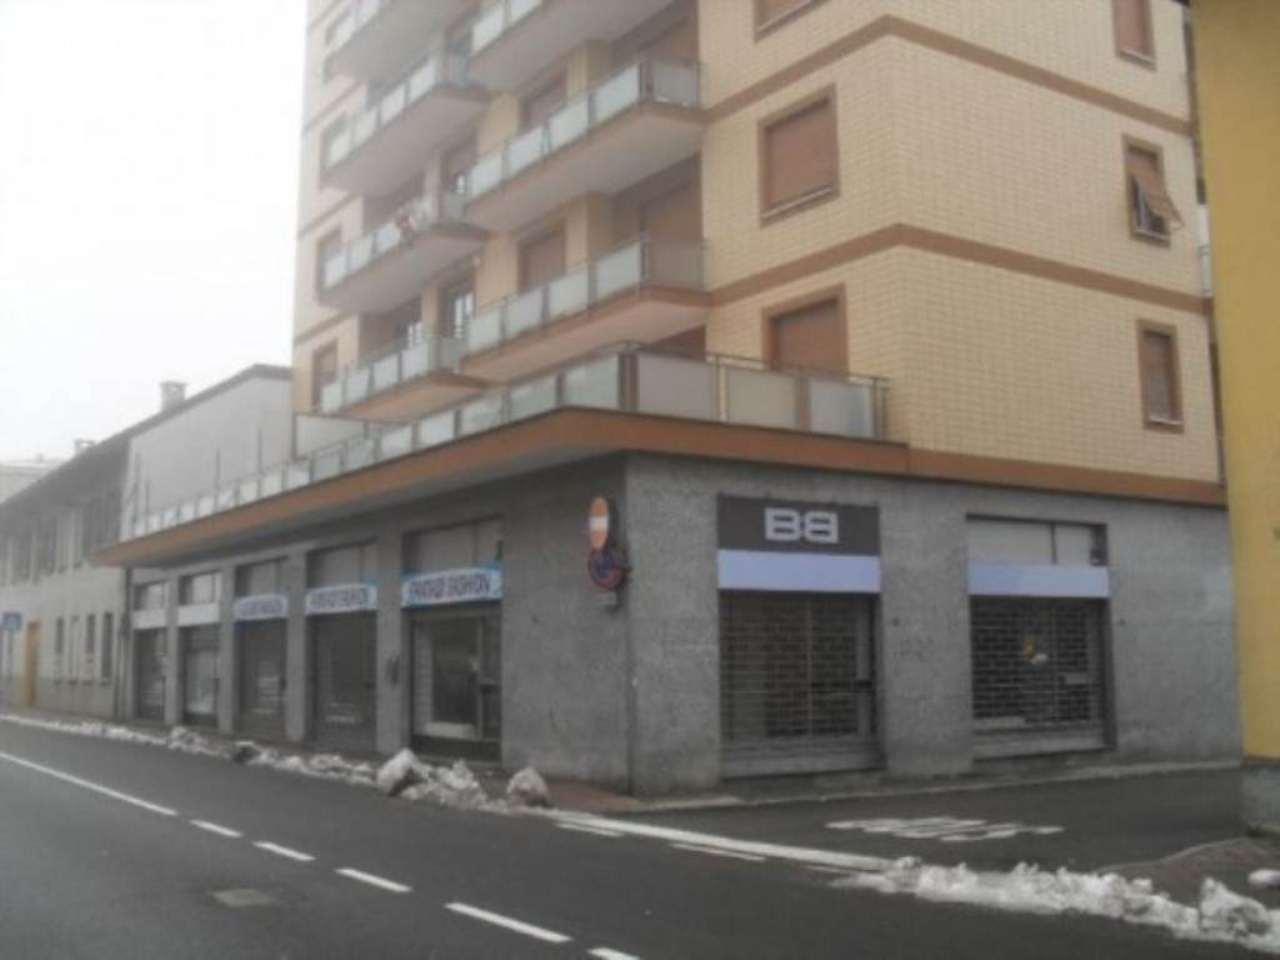 Negozio / Locale in affitto a Desio, 1 locali, prezzo € 1.100 | Cambio Casa.it